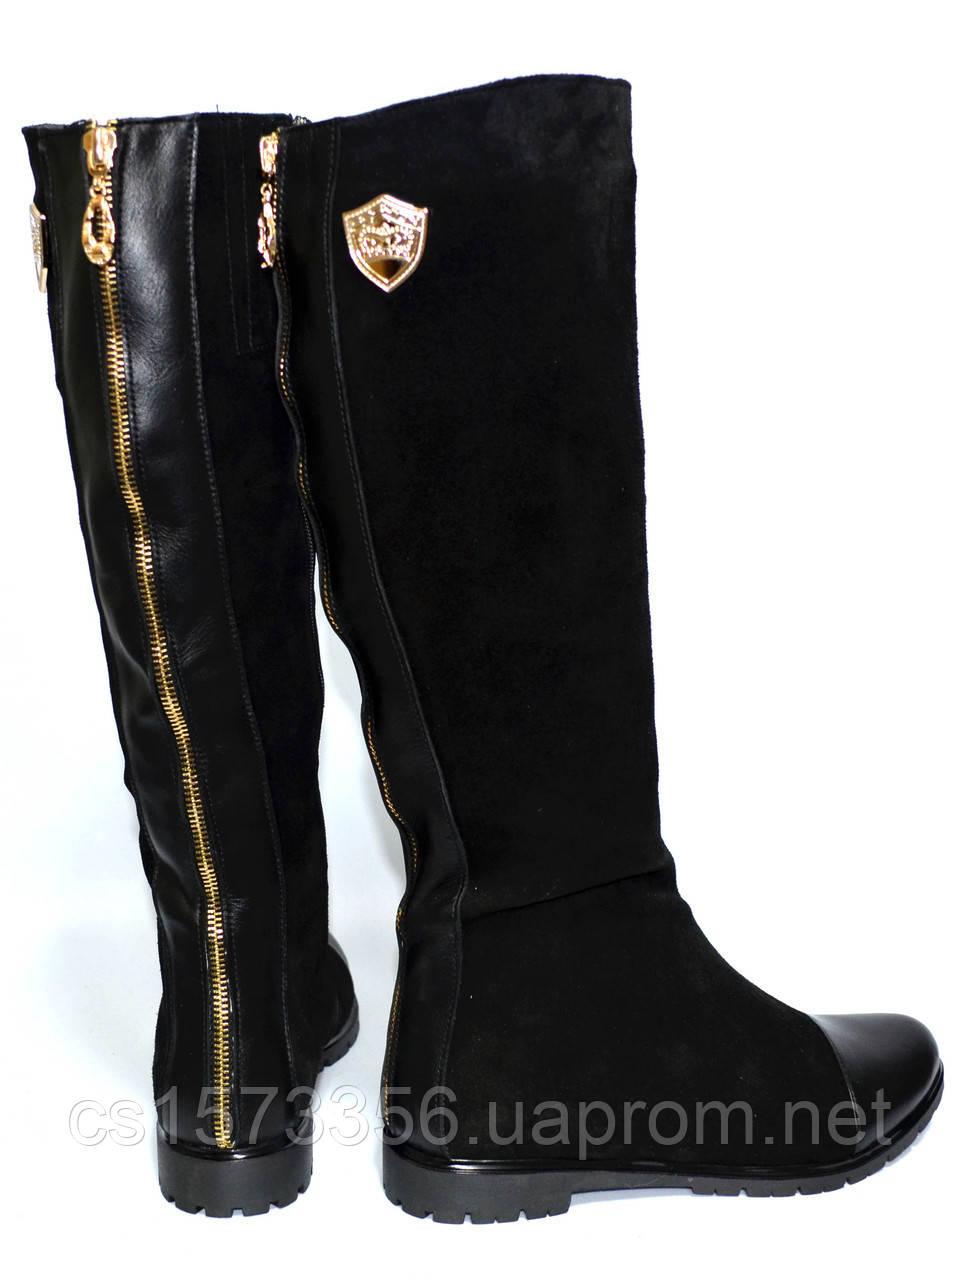 Жіночі замшеві чоботи демісезонні на байку.